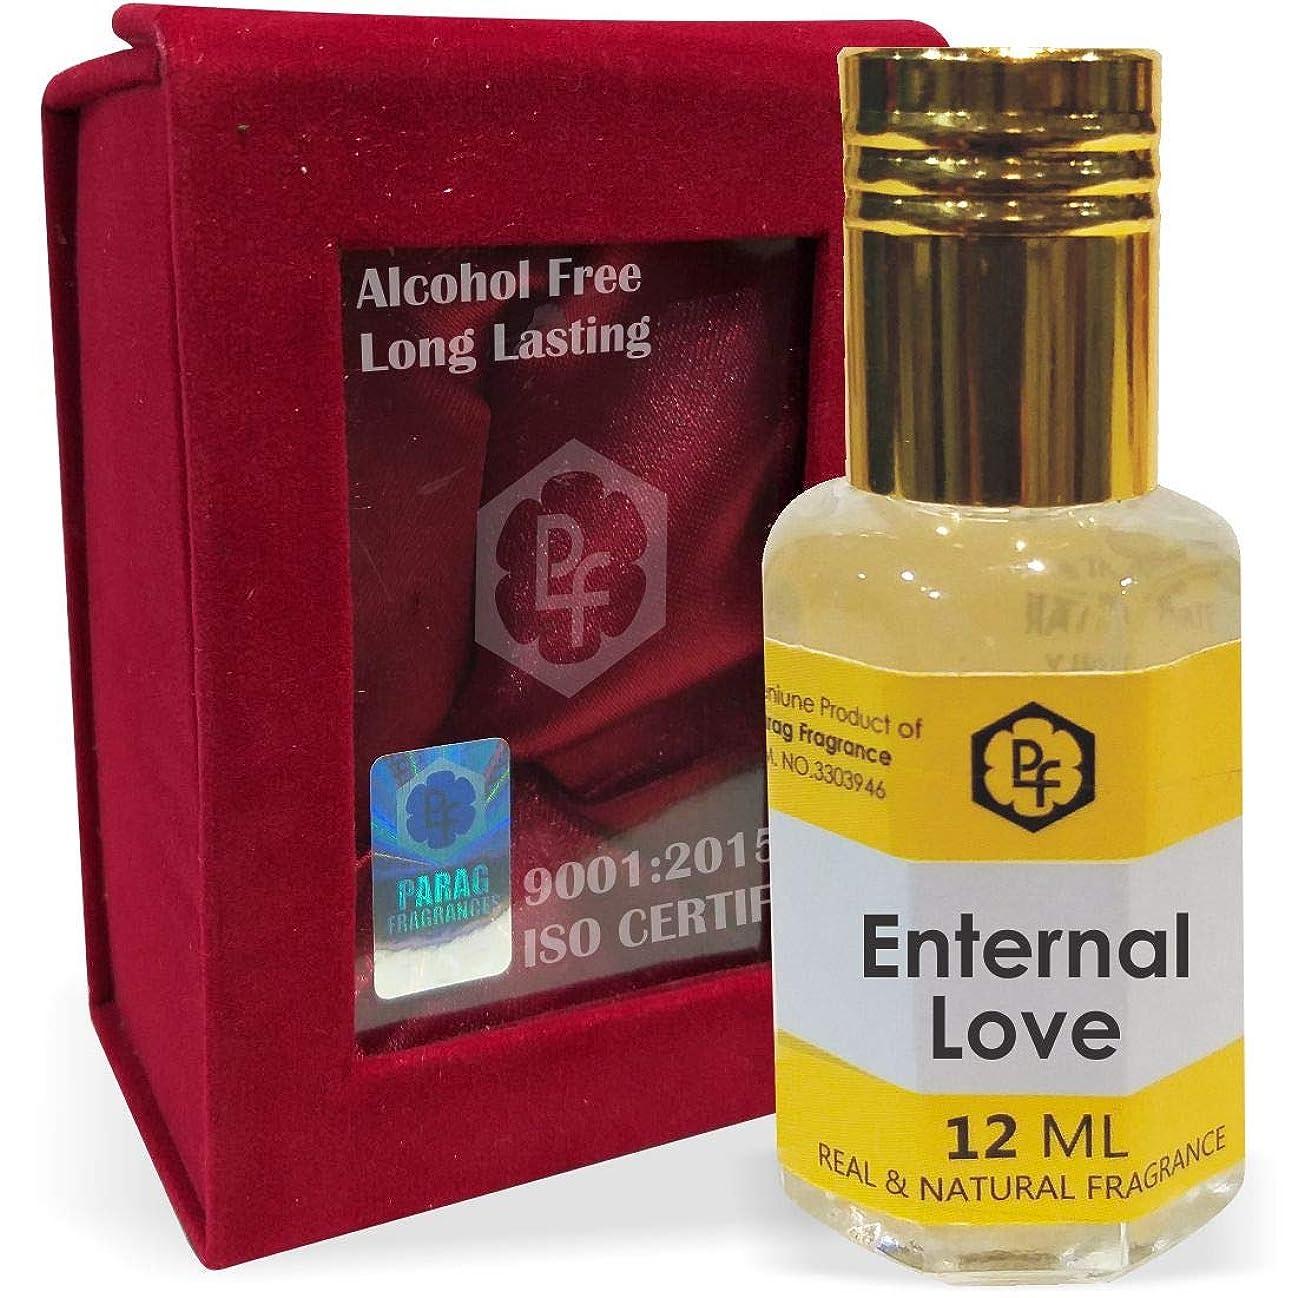 シロクマプラグ愛国的な手作りのベルベットボックスParagフレグランスEnternal愛12ミリリットルアター/香油/(インドの伝統的なBhapka処理方法により、インド製)フレグランスオイル|アターITRA最高の品質長持ち